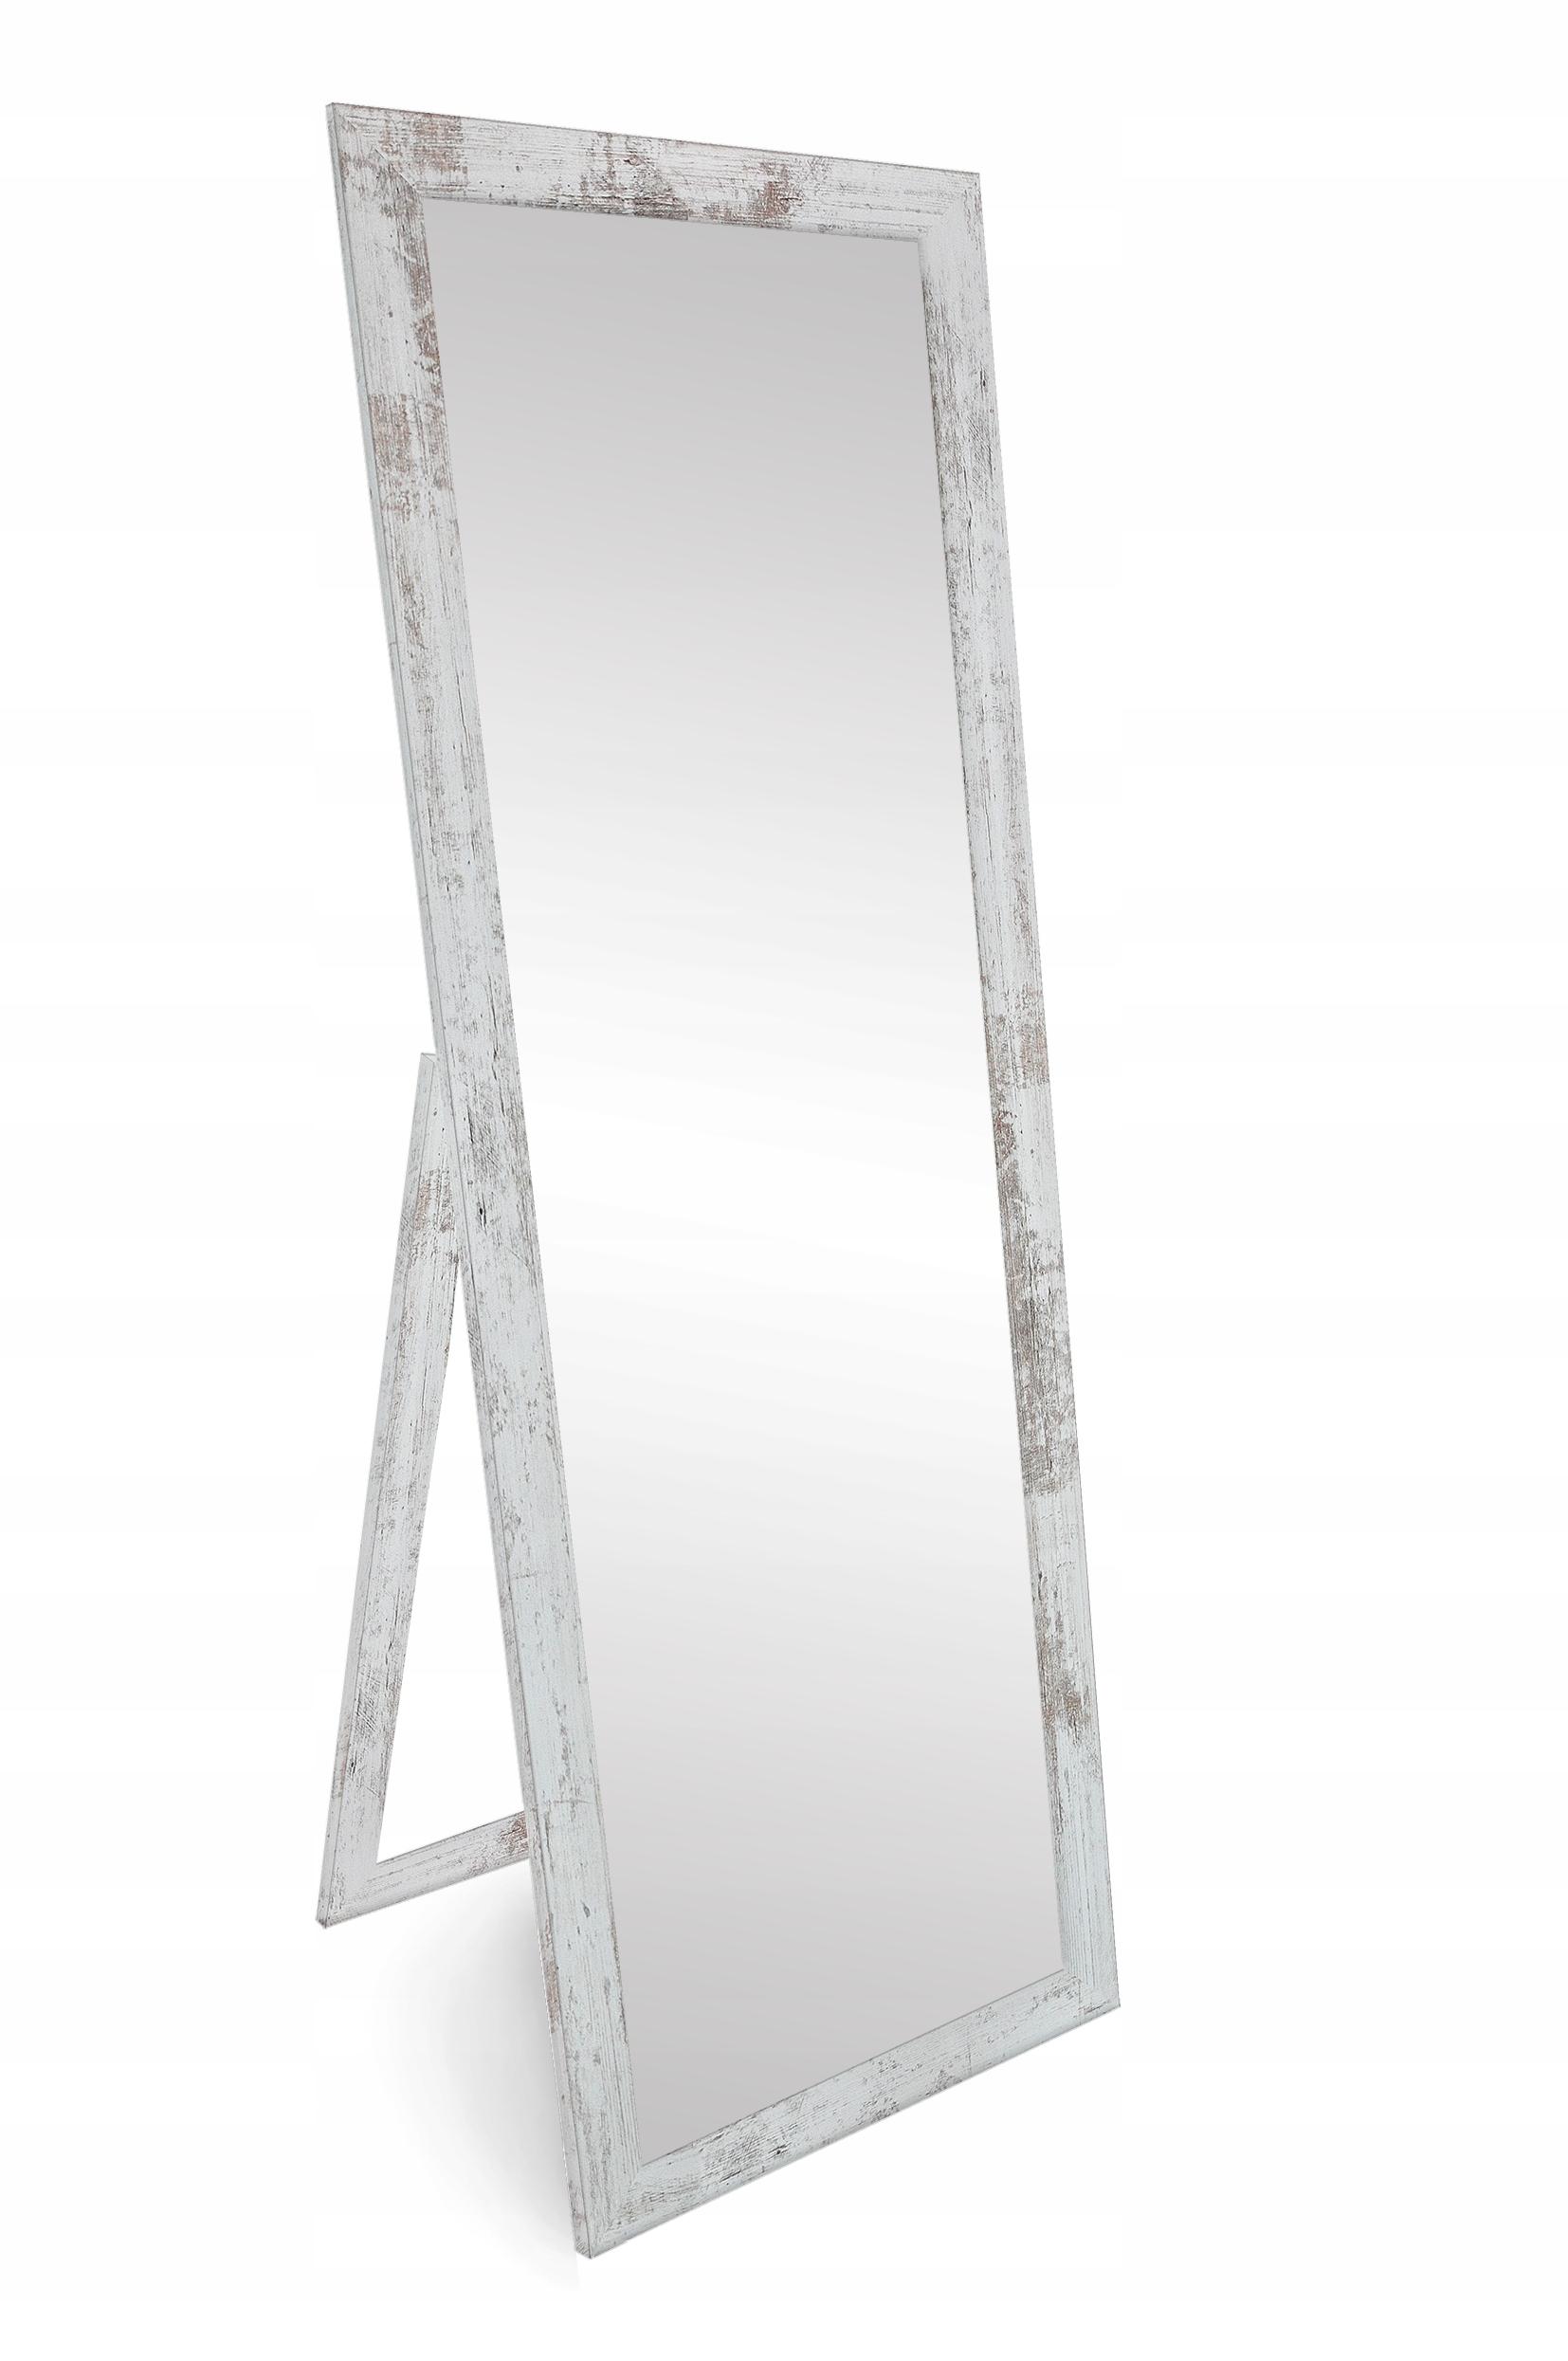 Stojace zrkadlo ošumelé elegantné 120x50 cm Škandinávskych